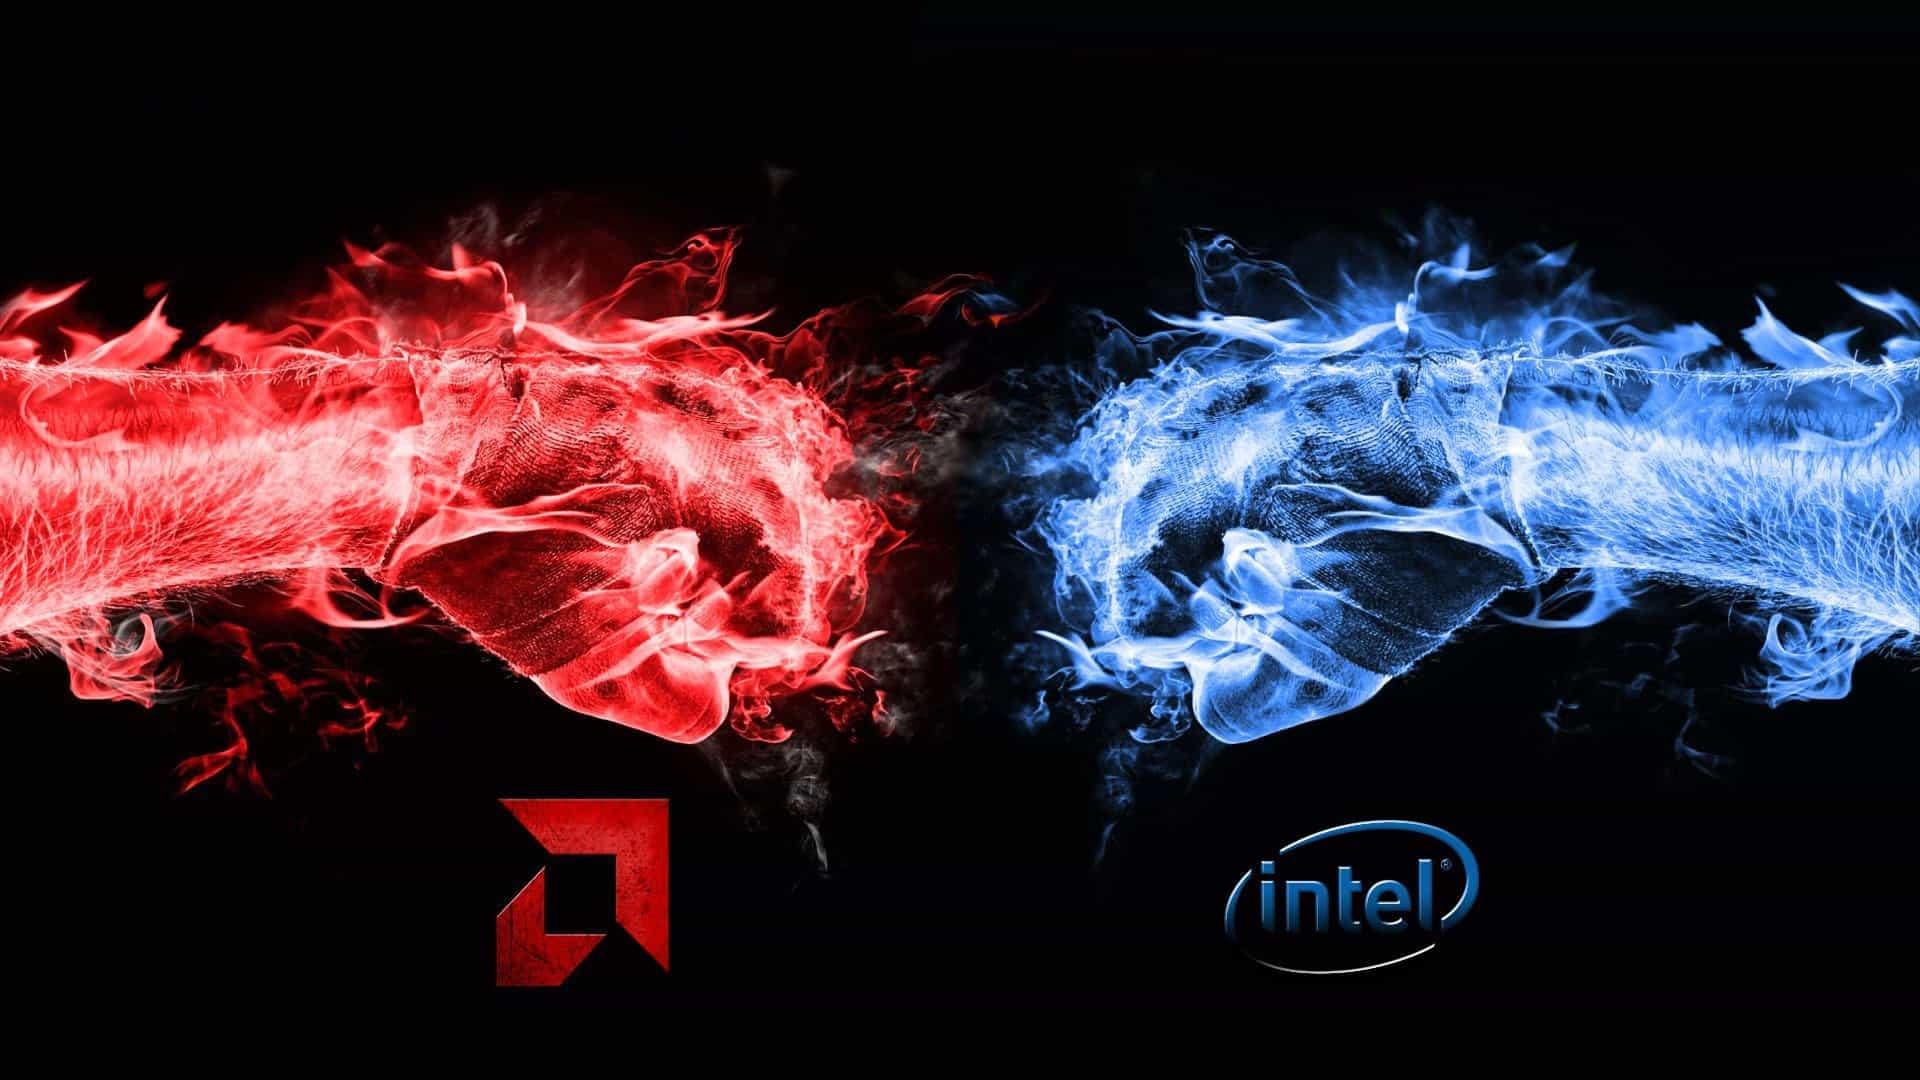 14-ядерный процессор Intel не смог одолеть 12-ядерный Ryzen в Time Spy